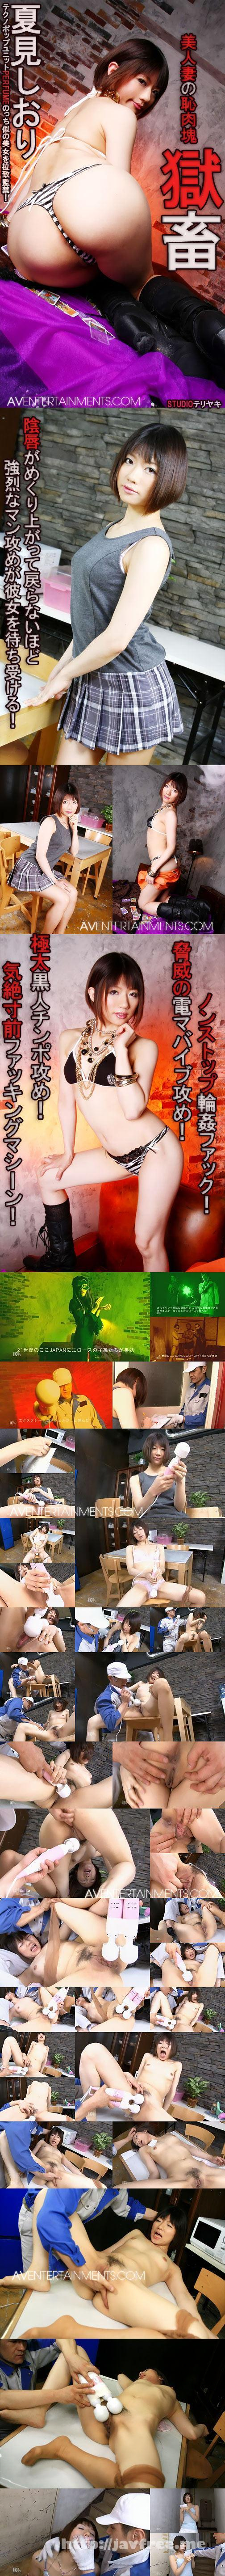 [BT 47] プレミアムモデル 獄畜 美人妻の恥肉塊 : 夏見しおり 夏見しおり Shiori Natsumi BT